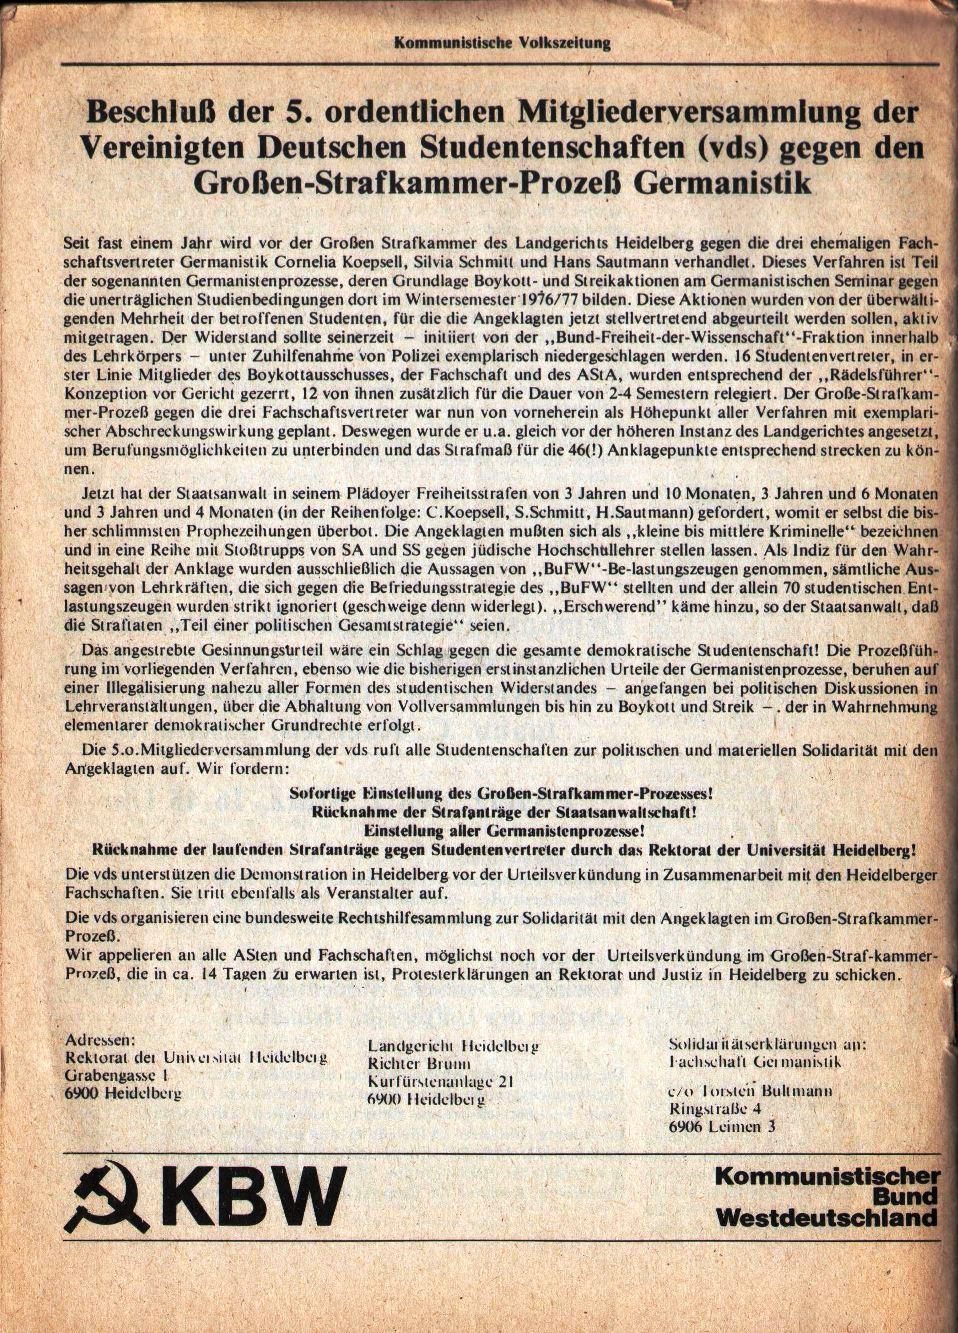 Heidelberg_KHG_1980_Germanistenprozess015